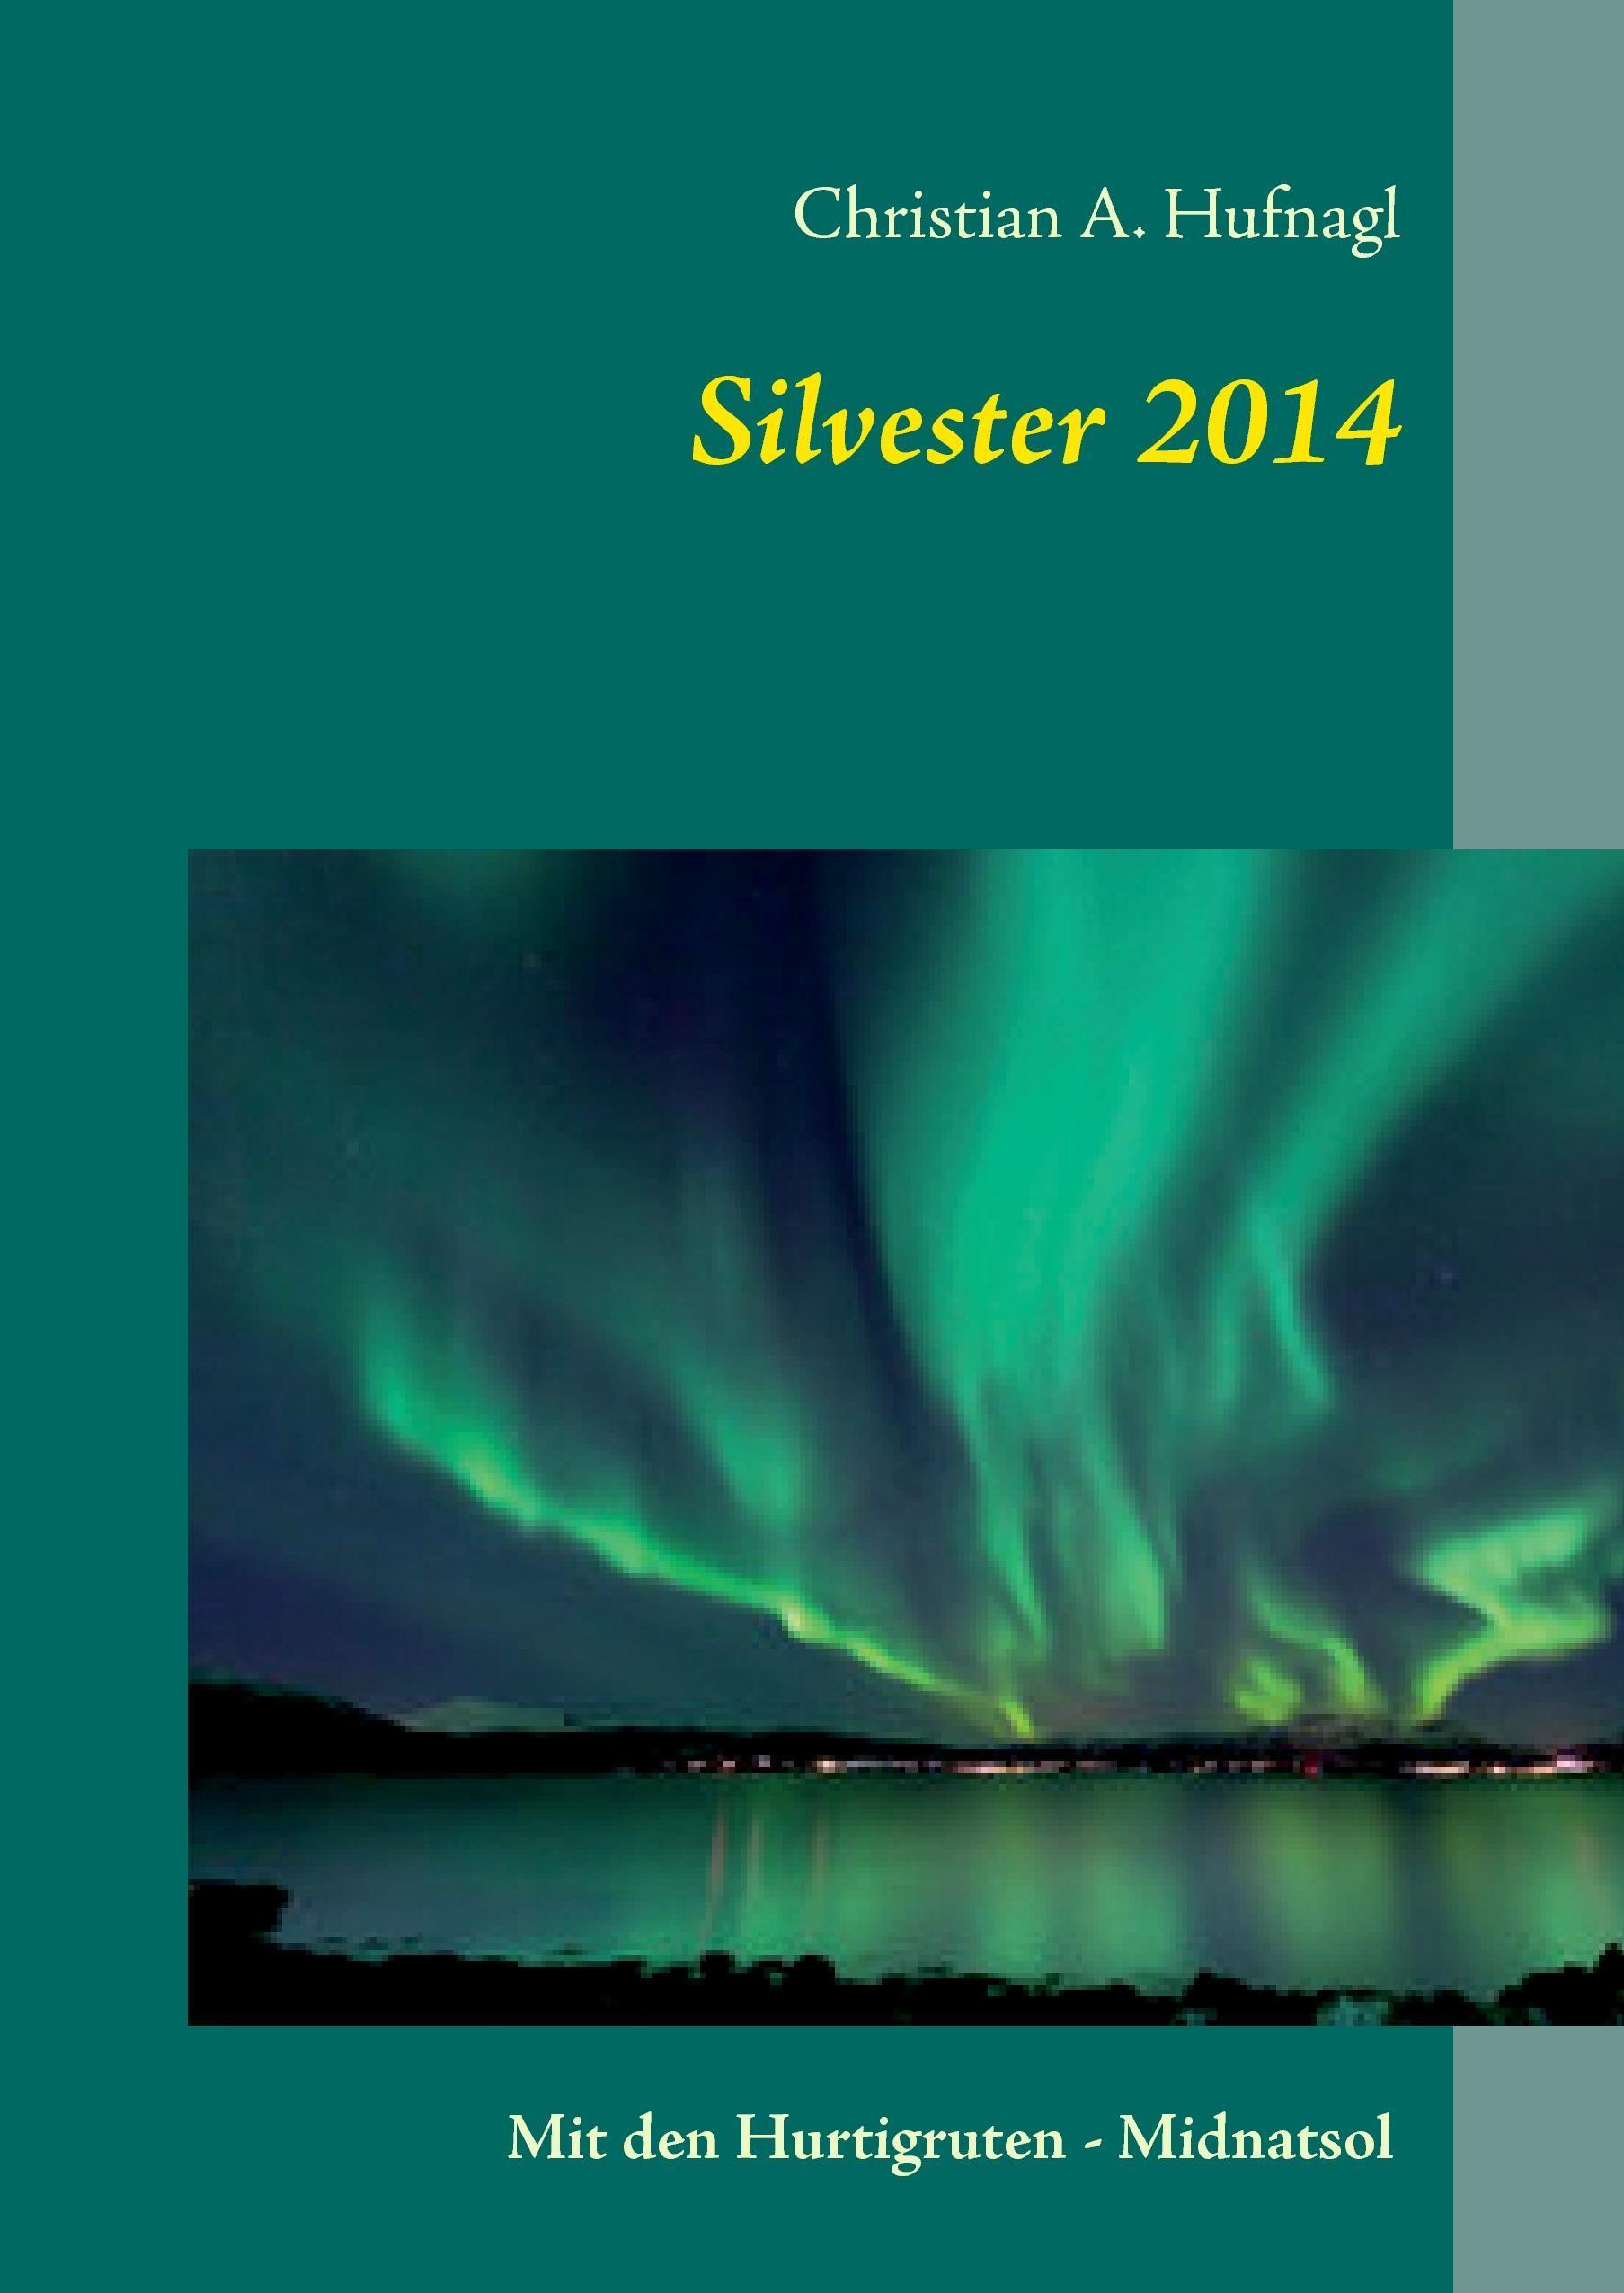 Silvester 2014 nach Norwegen